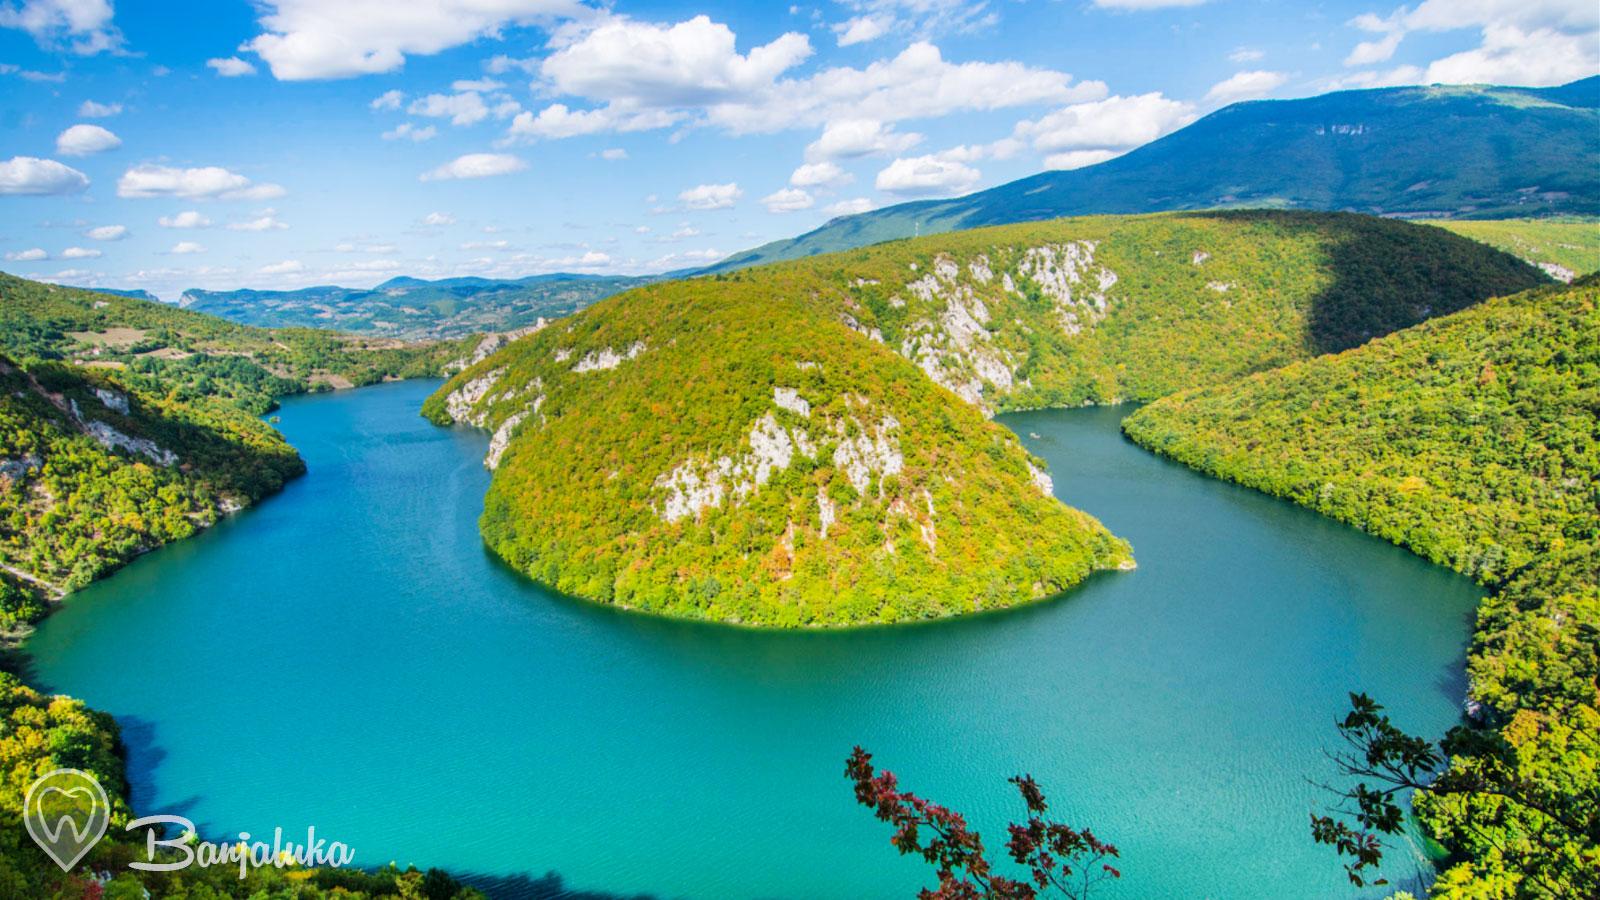 banjaluka bosnia and herzegovina dental travel and